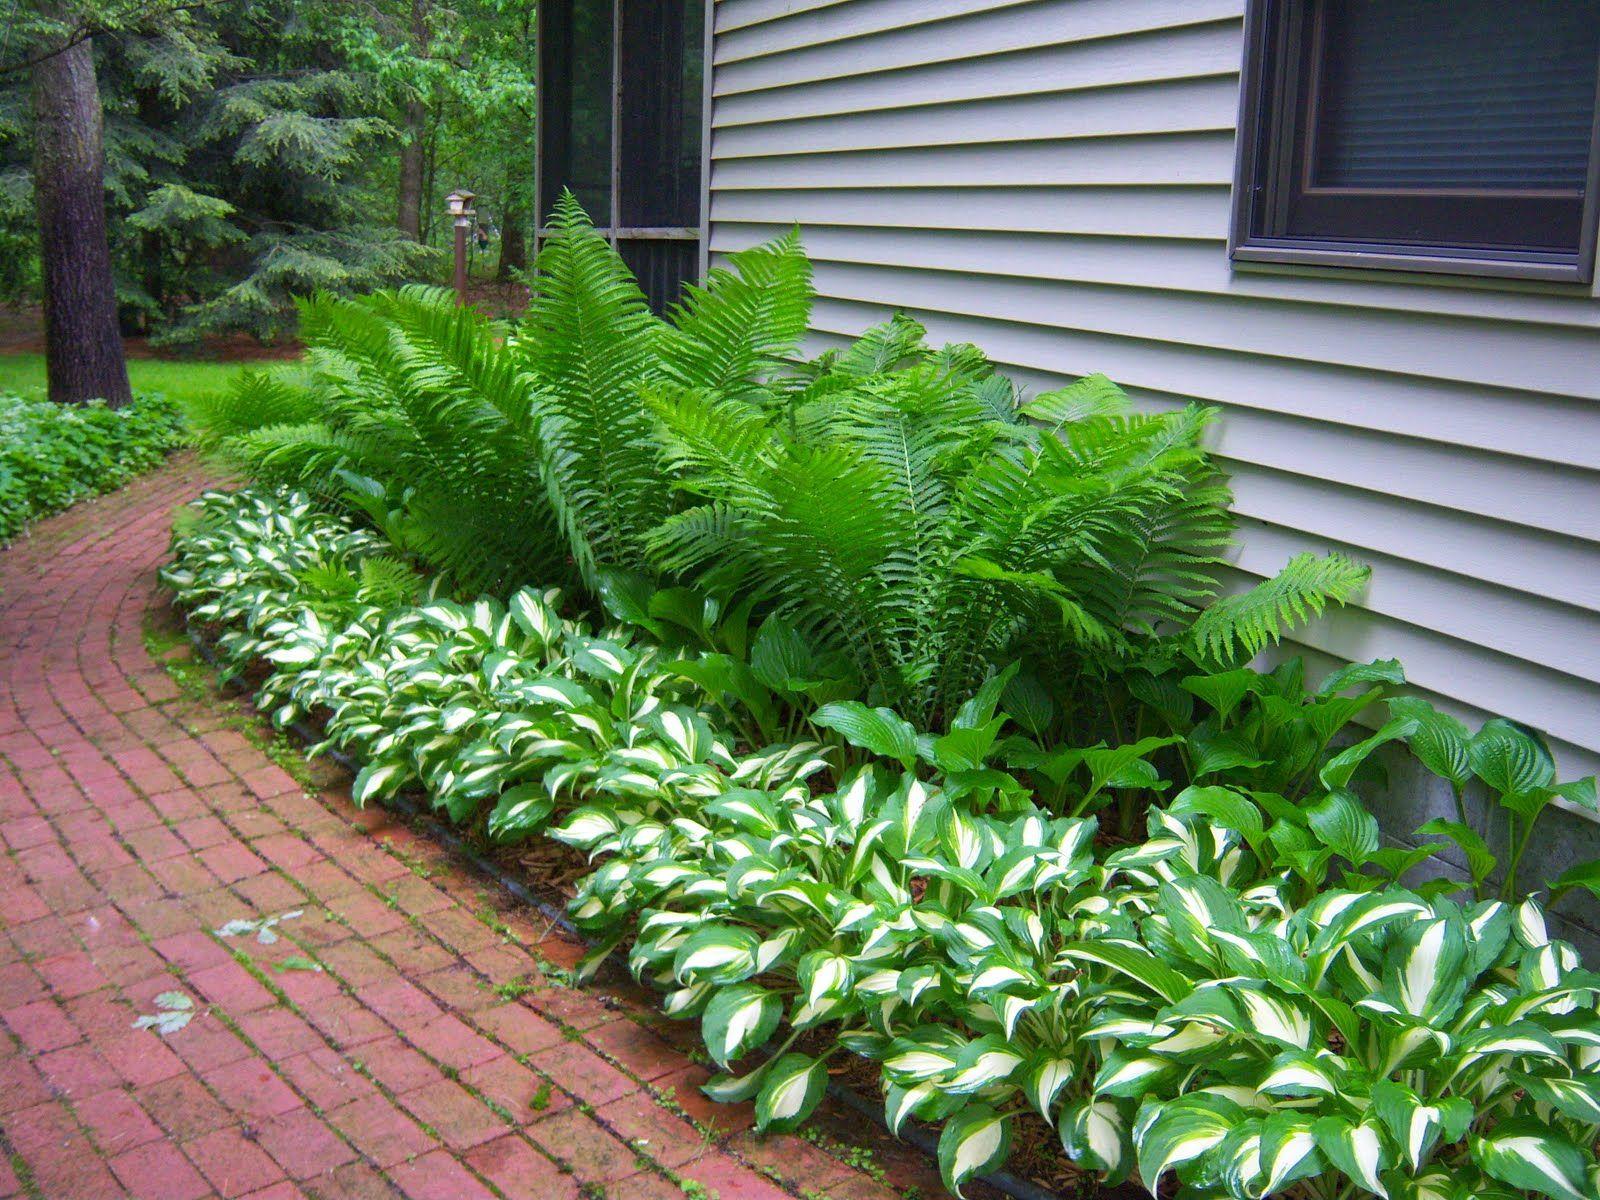 Yksinkertaista ja kaunista kotkansiipisaniainen ja for Images of landscaping plants